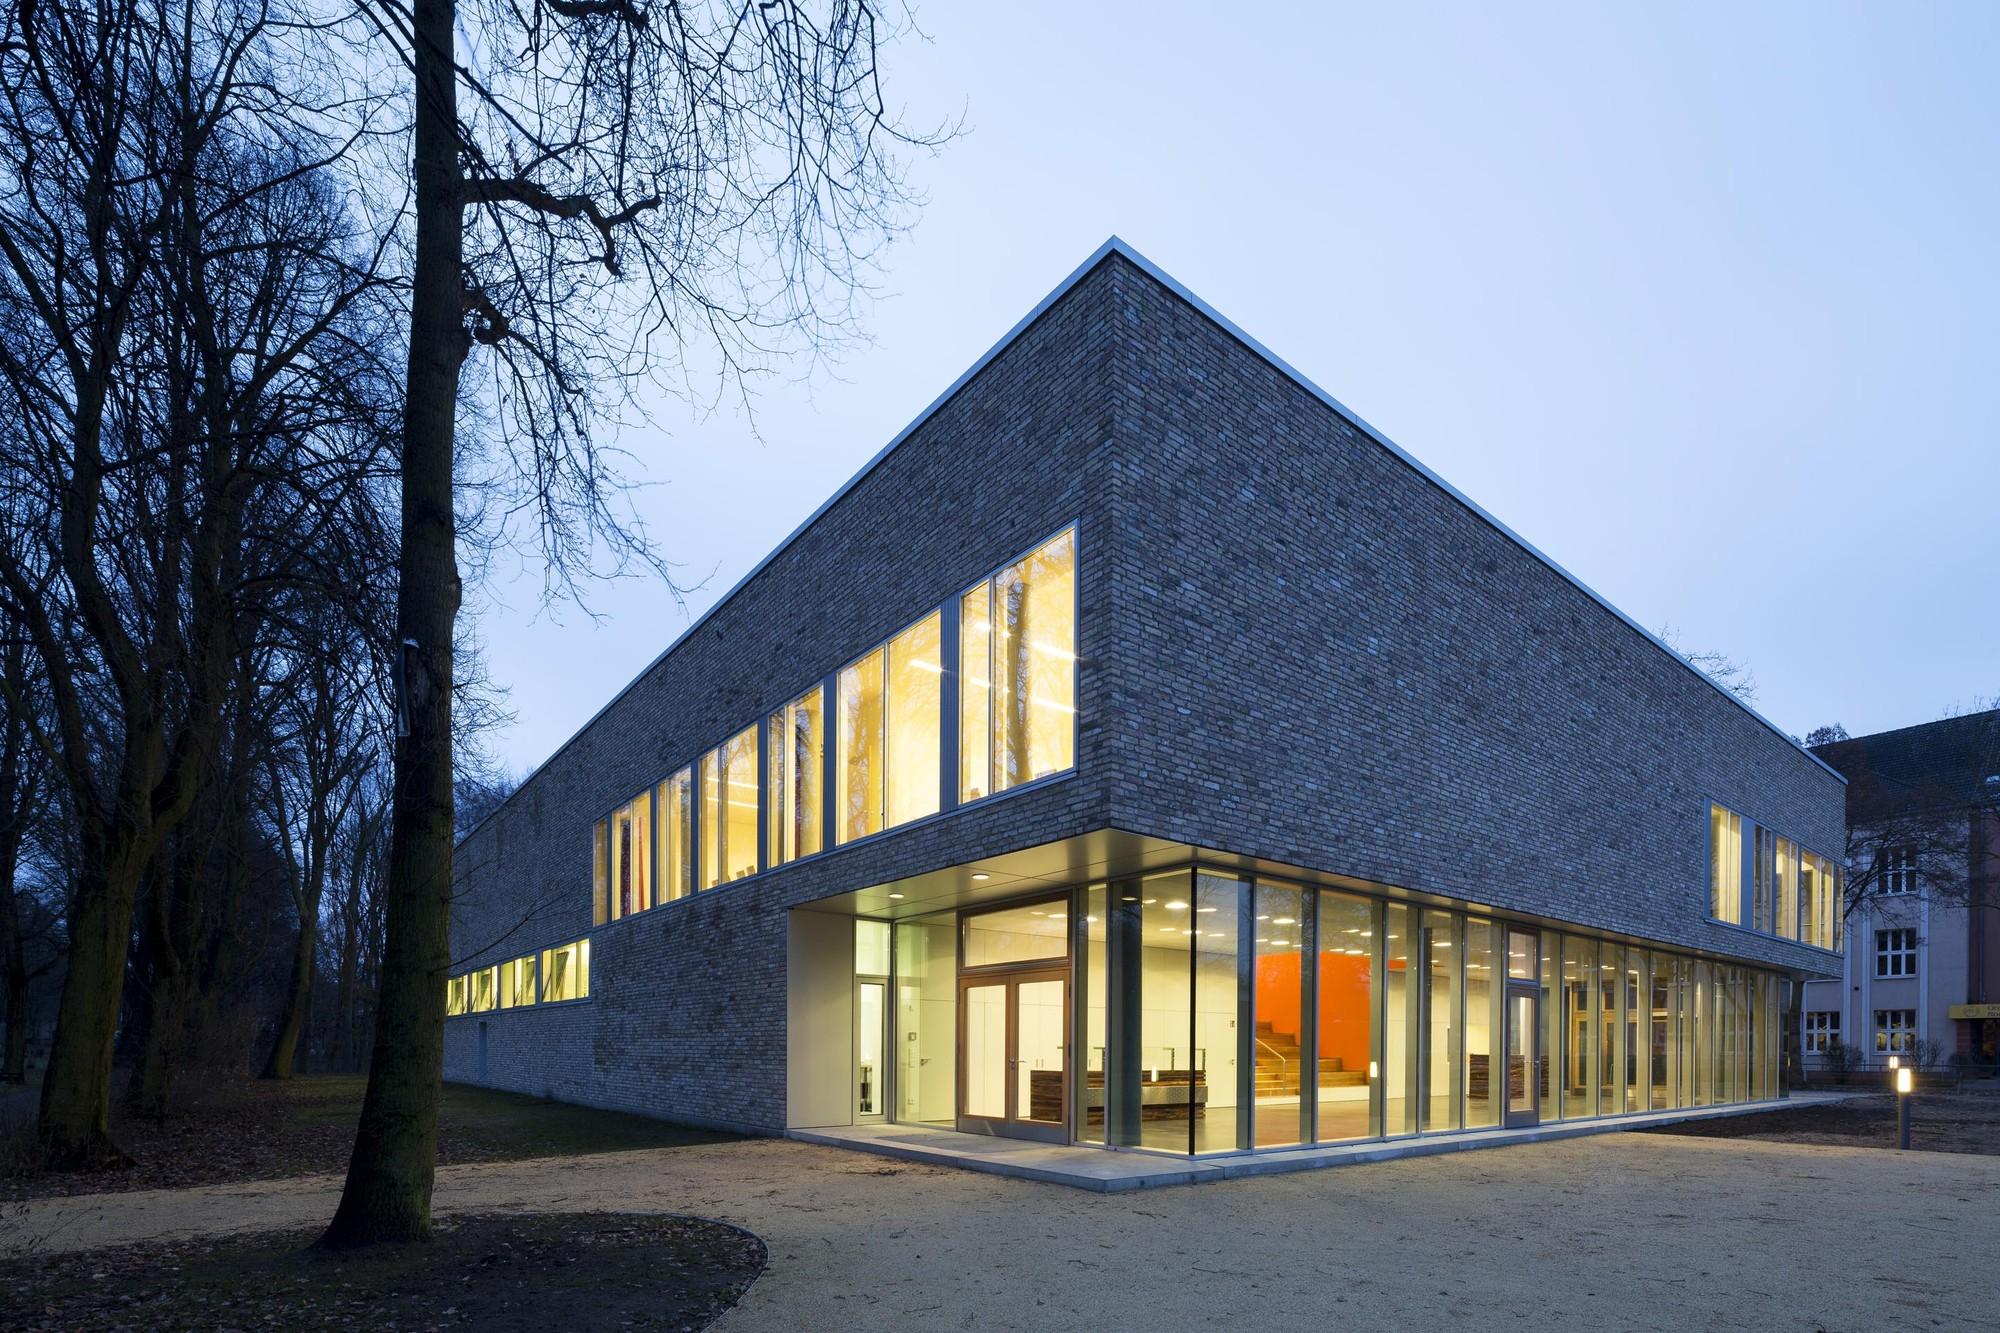 Sprach und Bewegungszentrum / eins:eins architekten, © Bernadette Grimmenstein